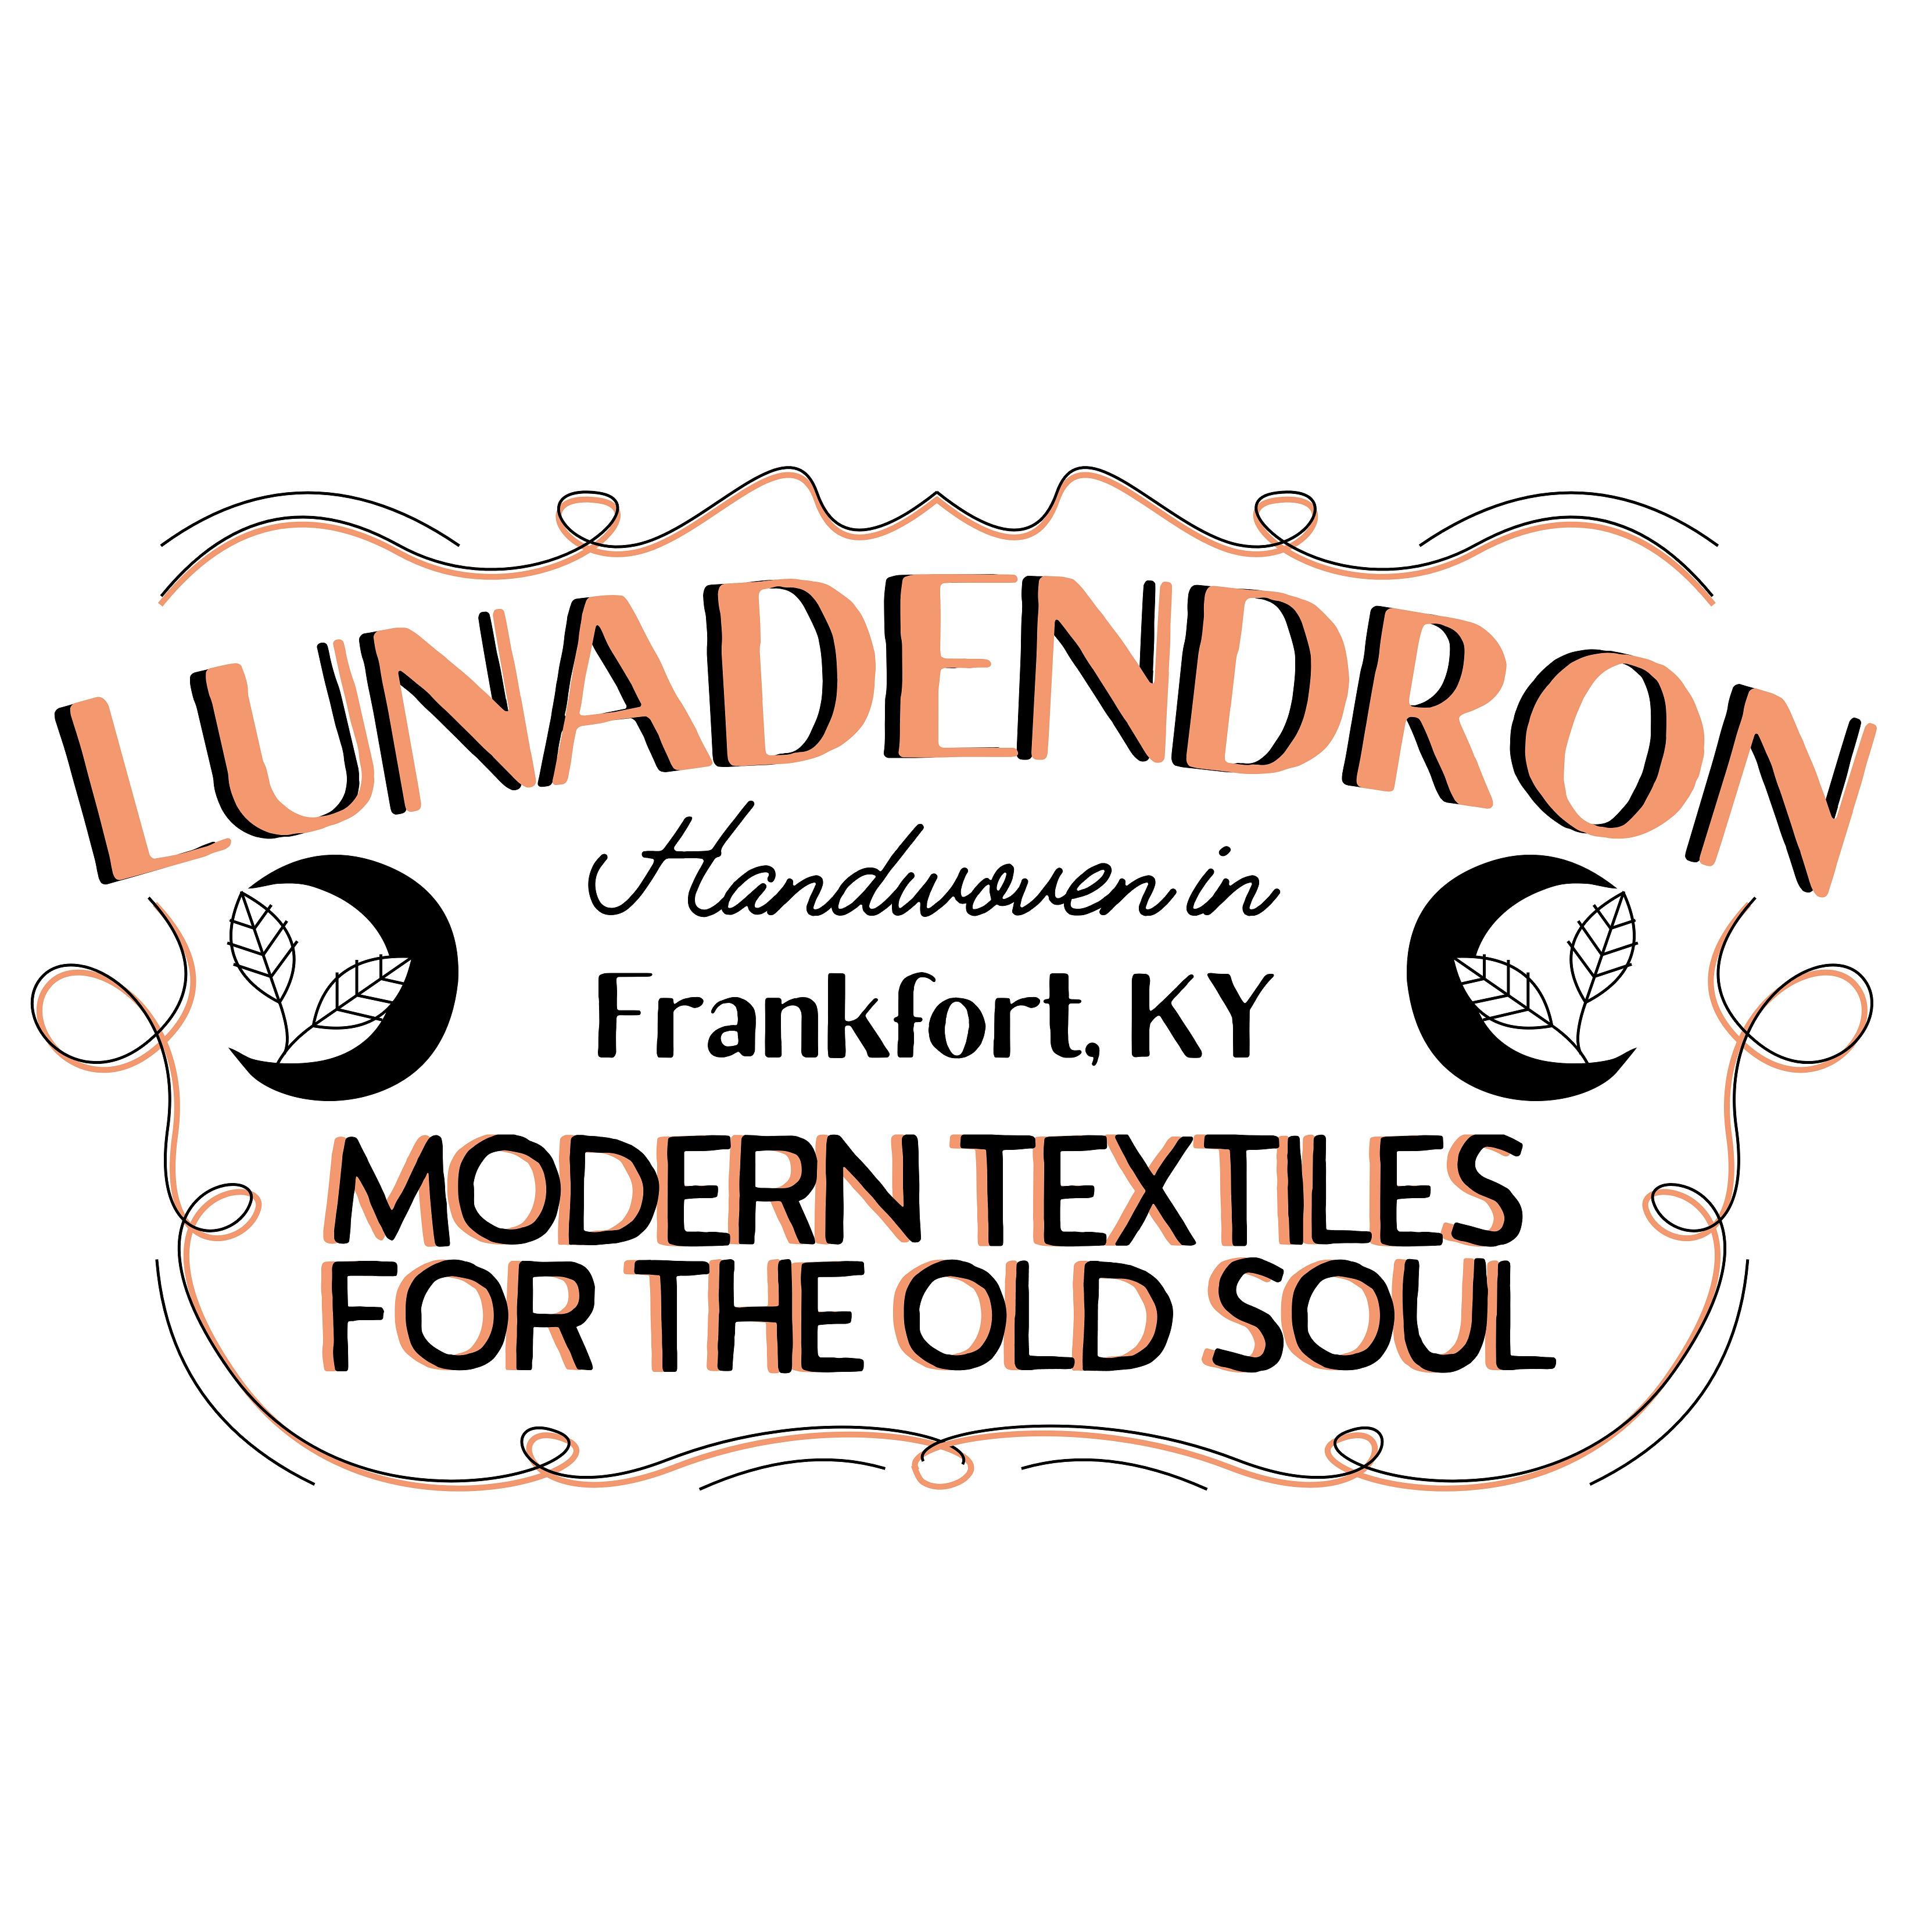 Lunadendron